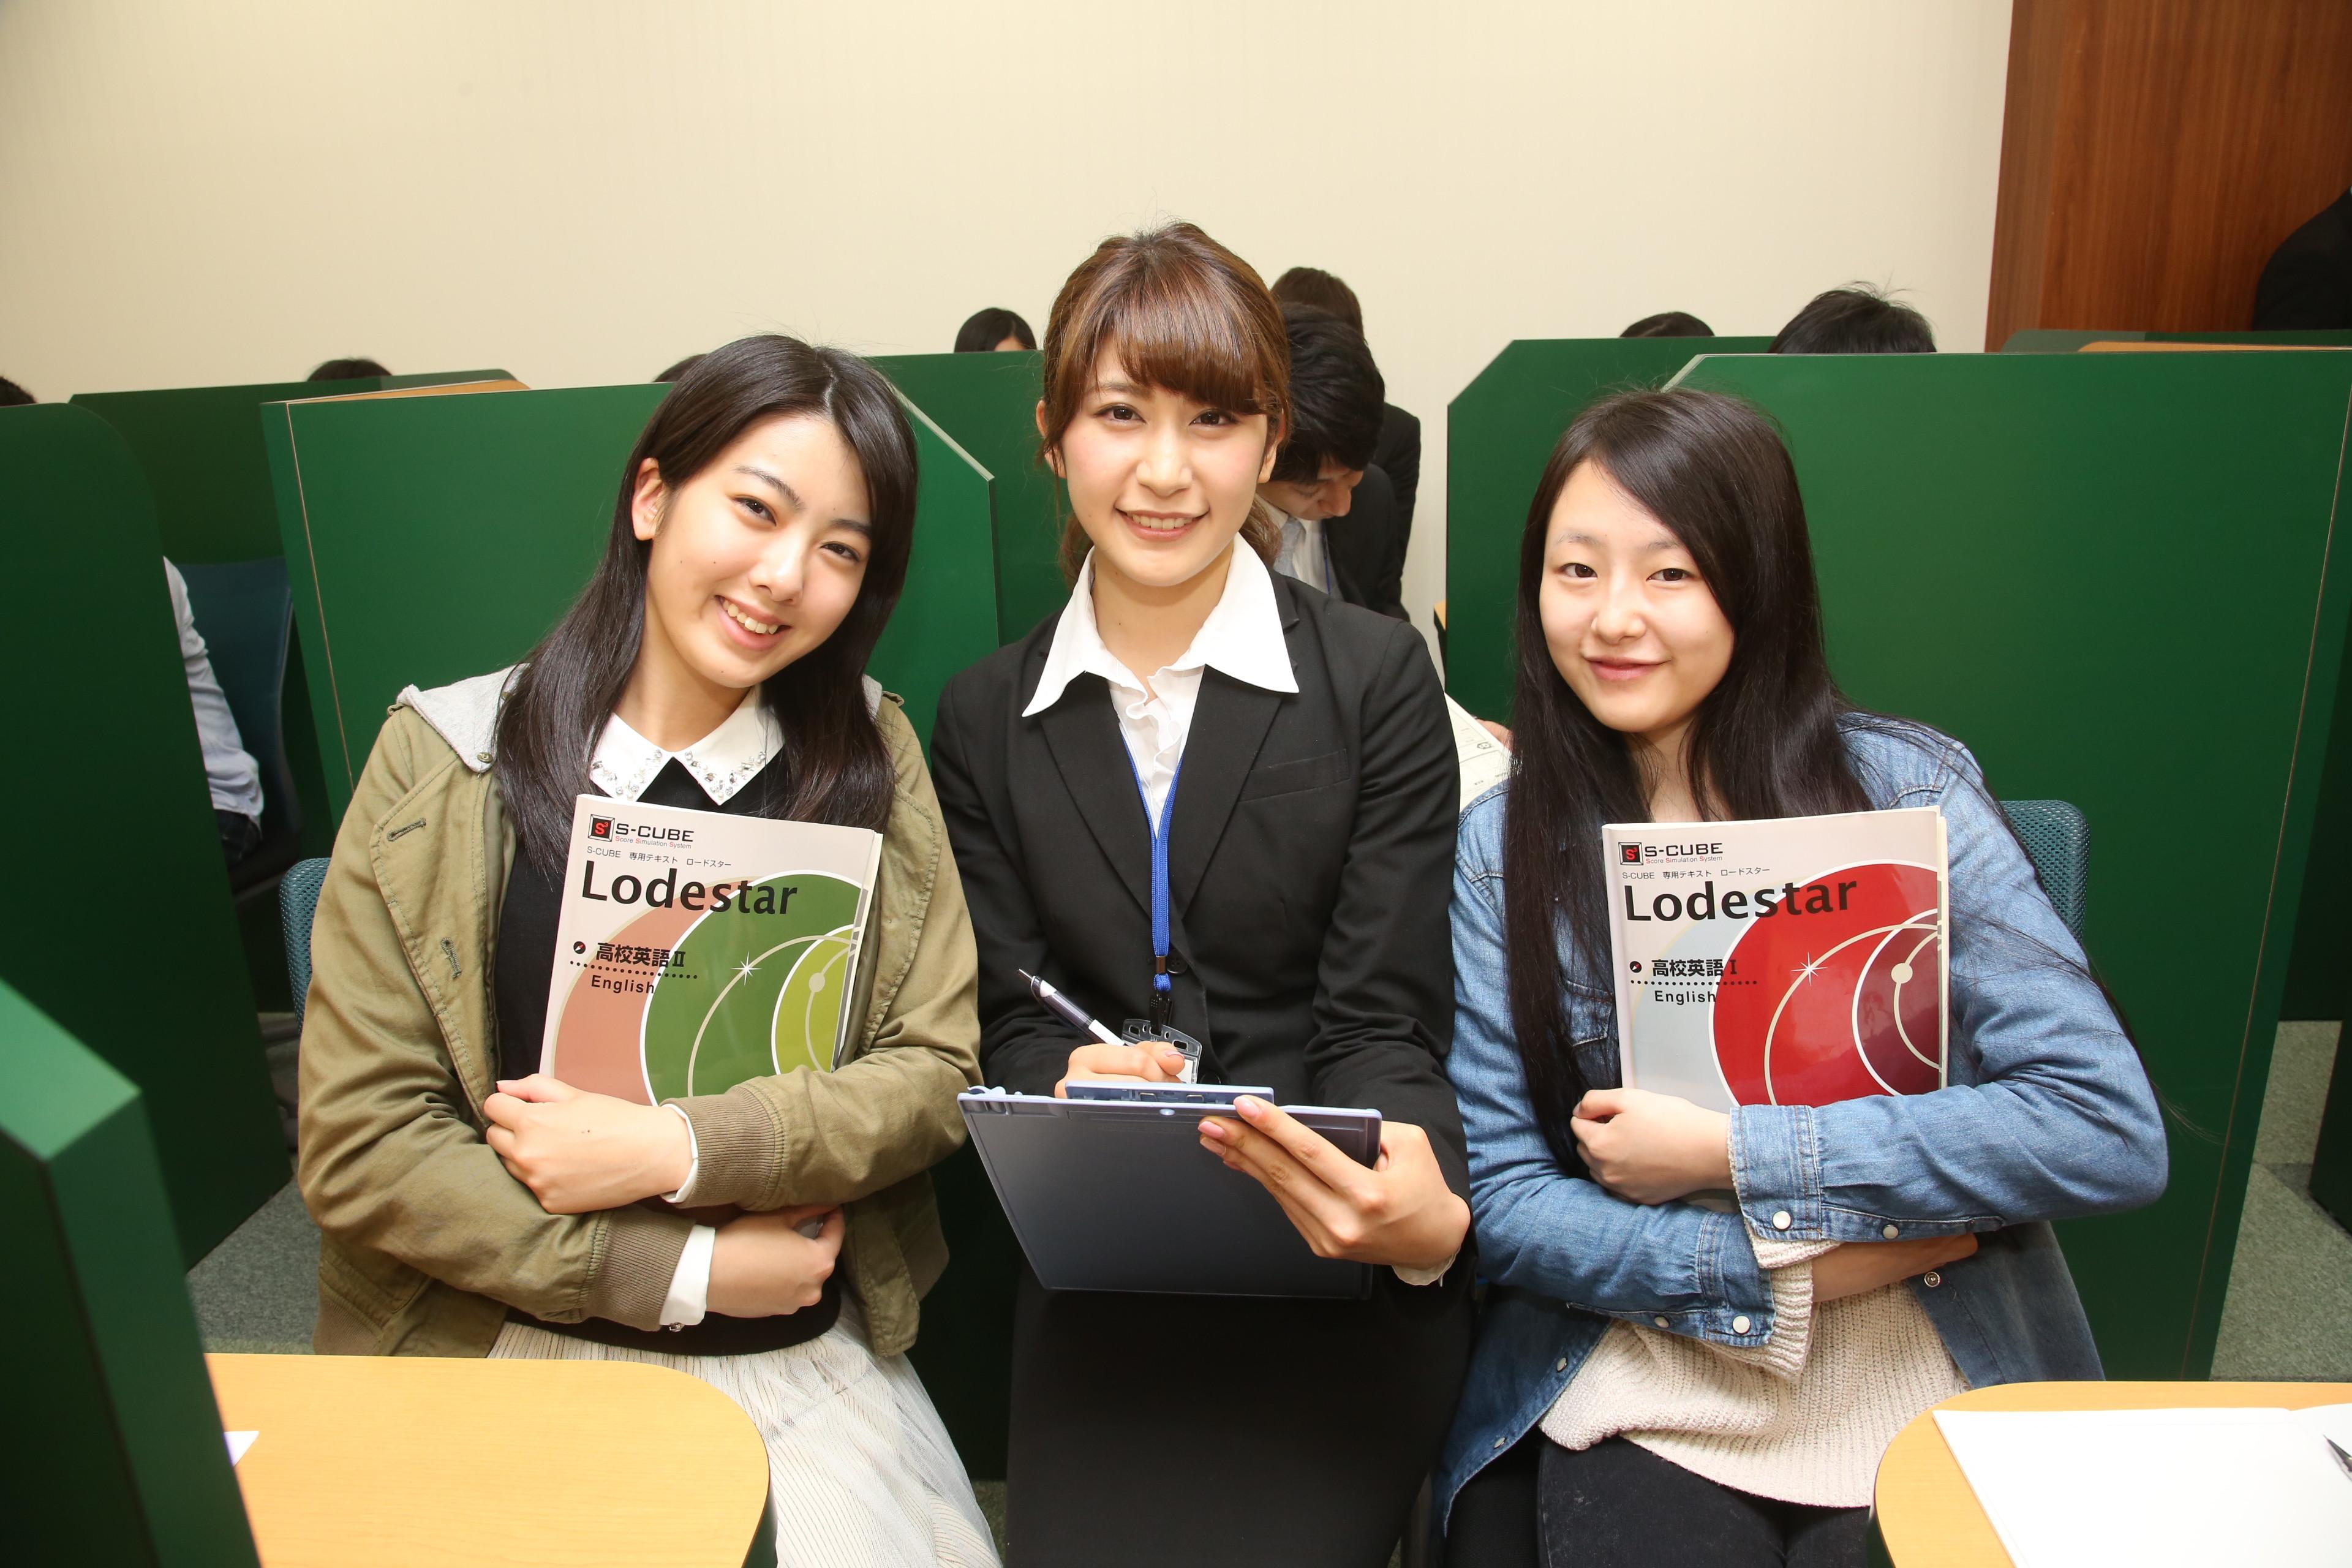 個別指導学院 フリーステップ 貴生川駅前教室のアルバイト情報